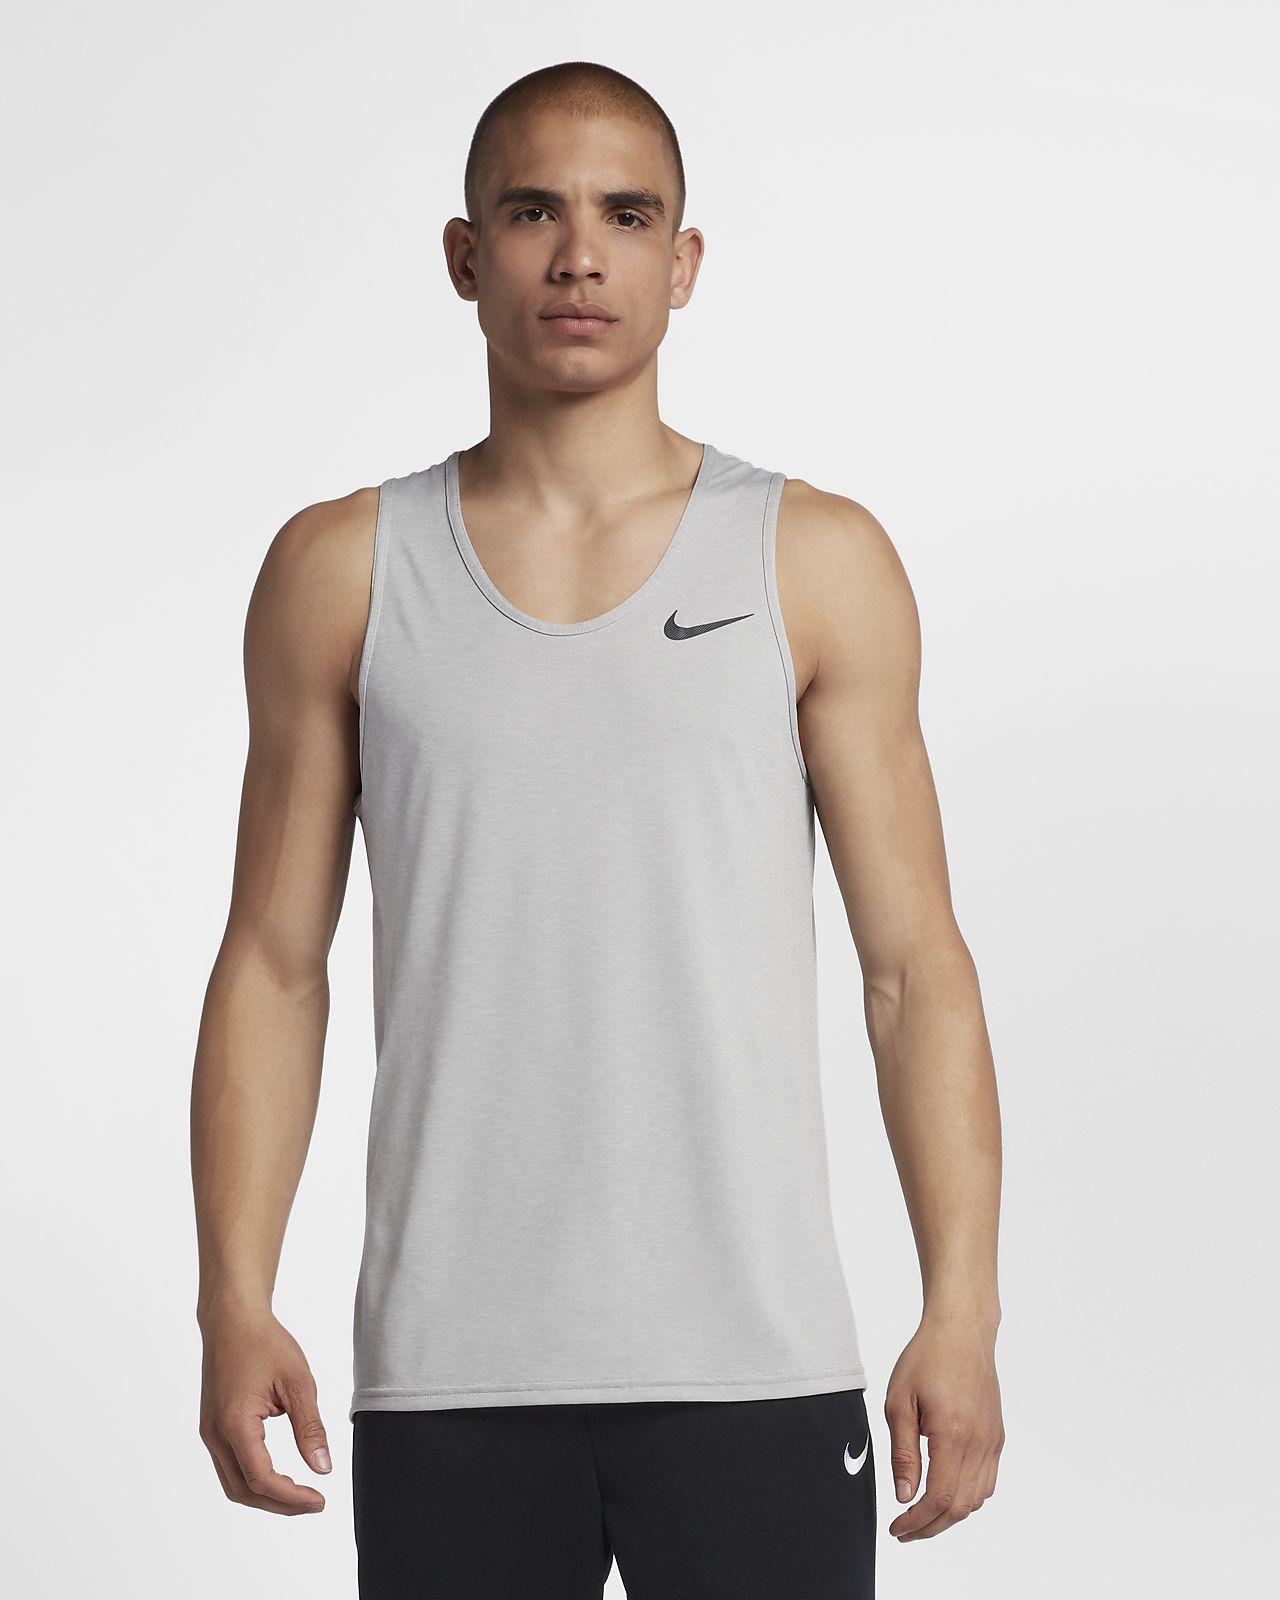 7f17acf1 Nike Breathe Men's Training Tank. Nike.com IE